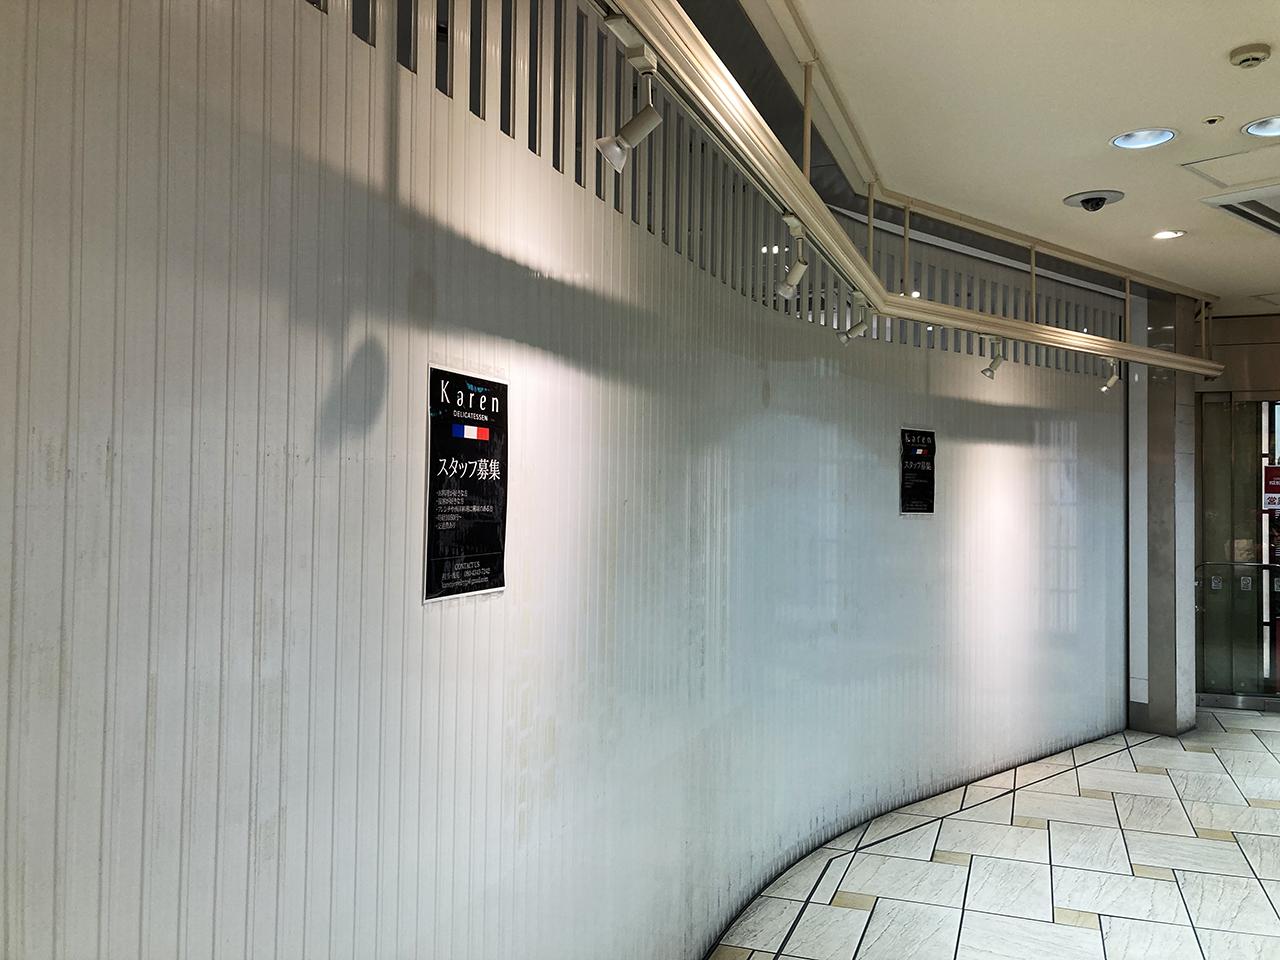 多摩市の10月初旬の新規オープン情報!新店舗が目白押し